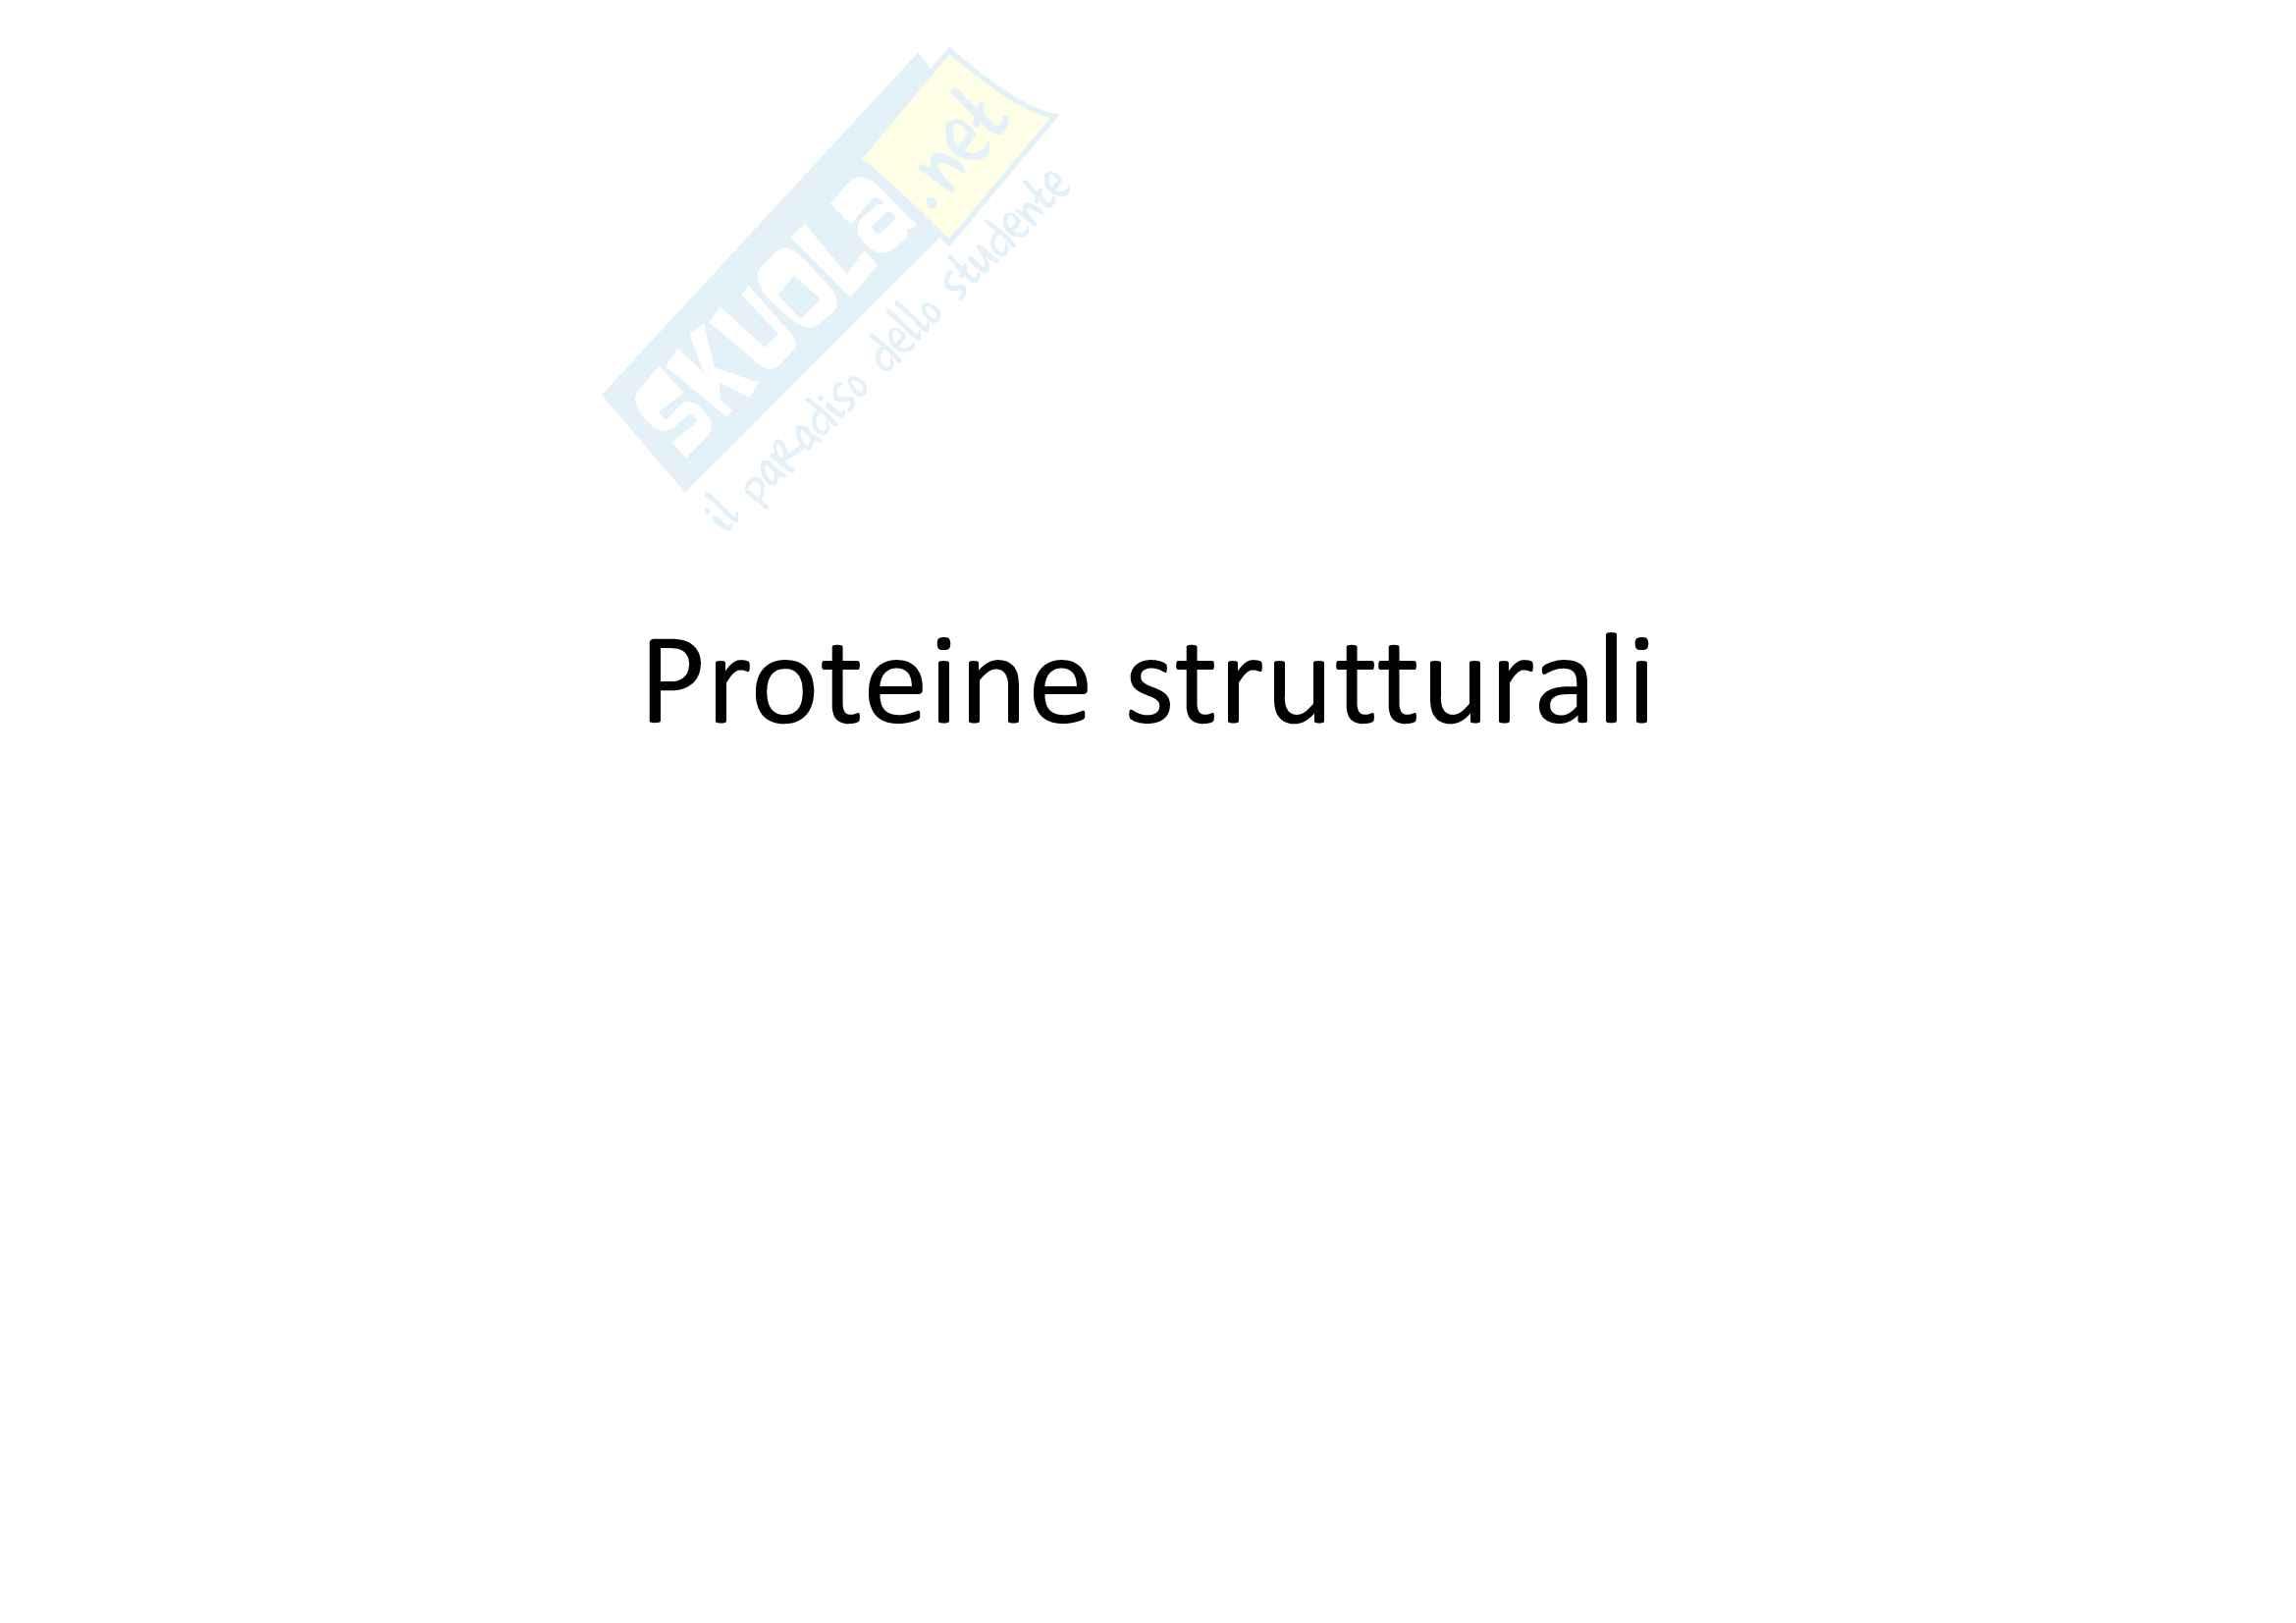 Proteine strutturali